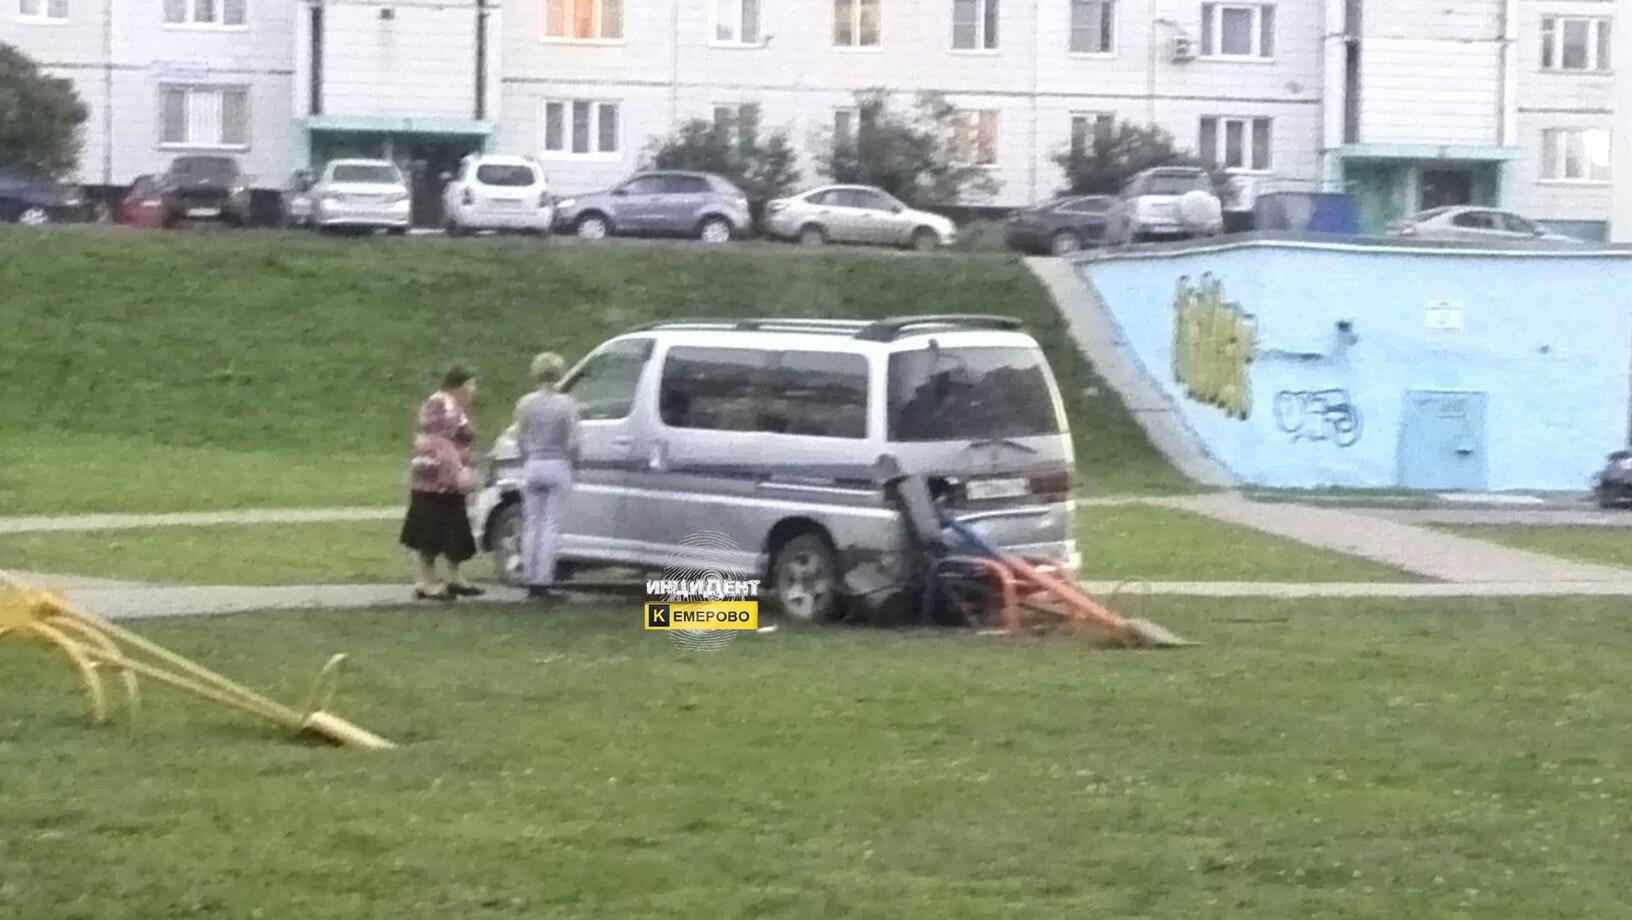 Нетрезвый шофёр чуть нераздавил детей наигровой площадке вКемерове